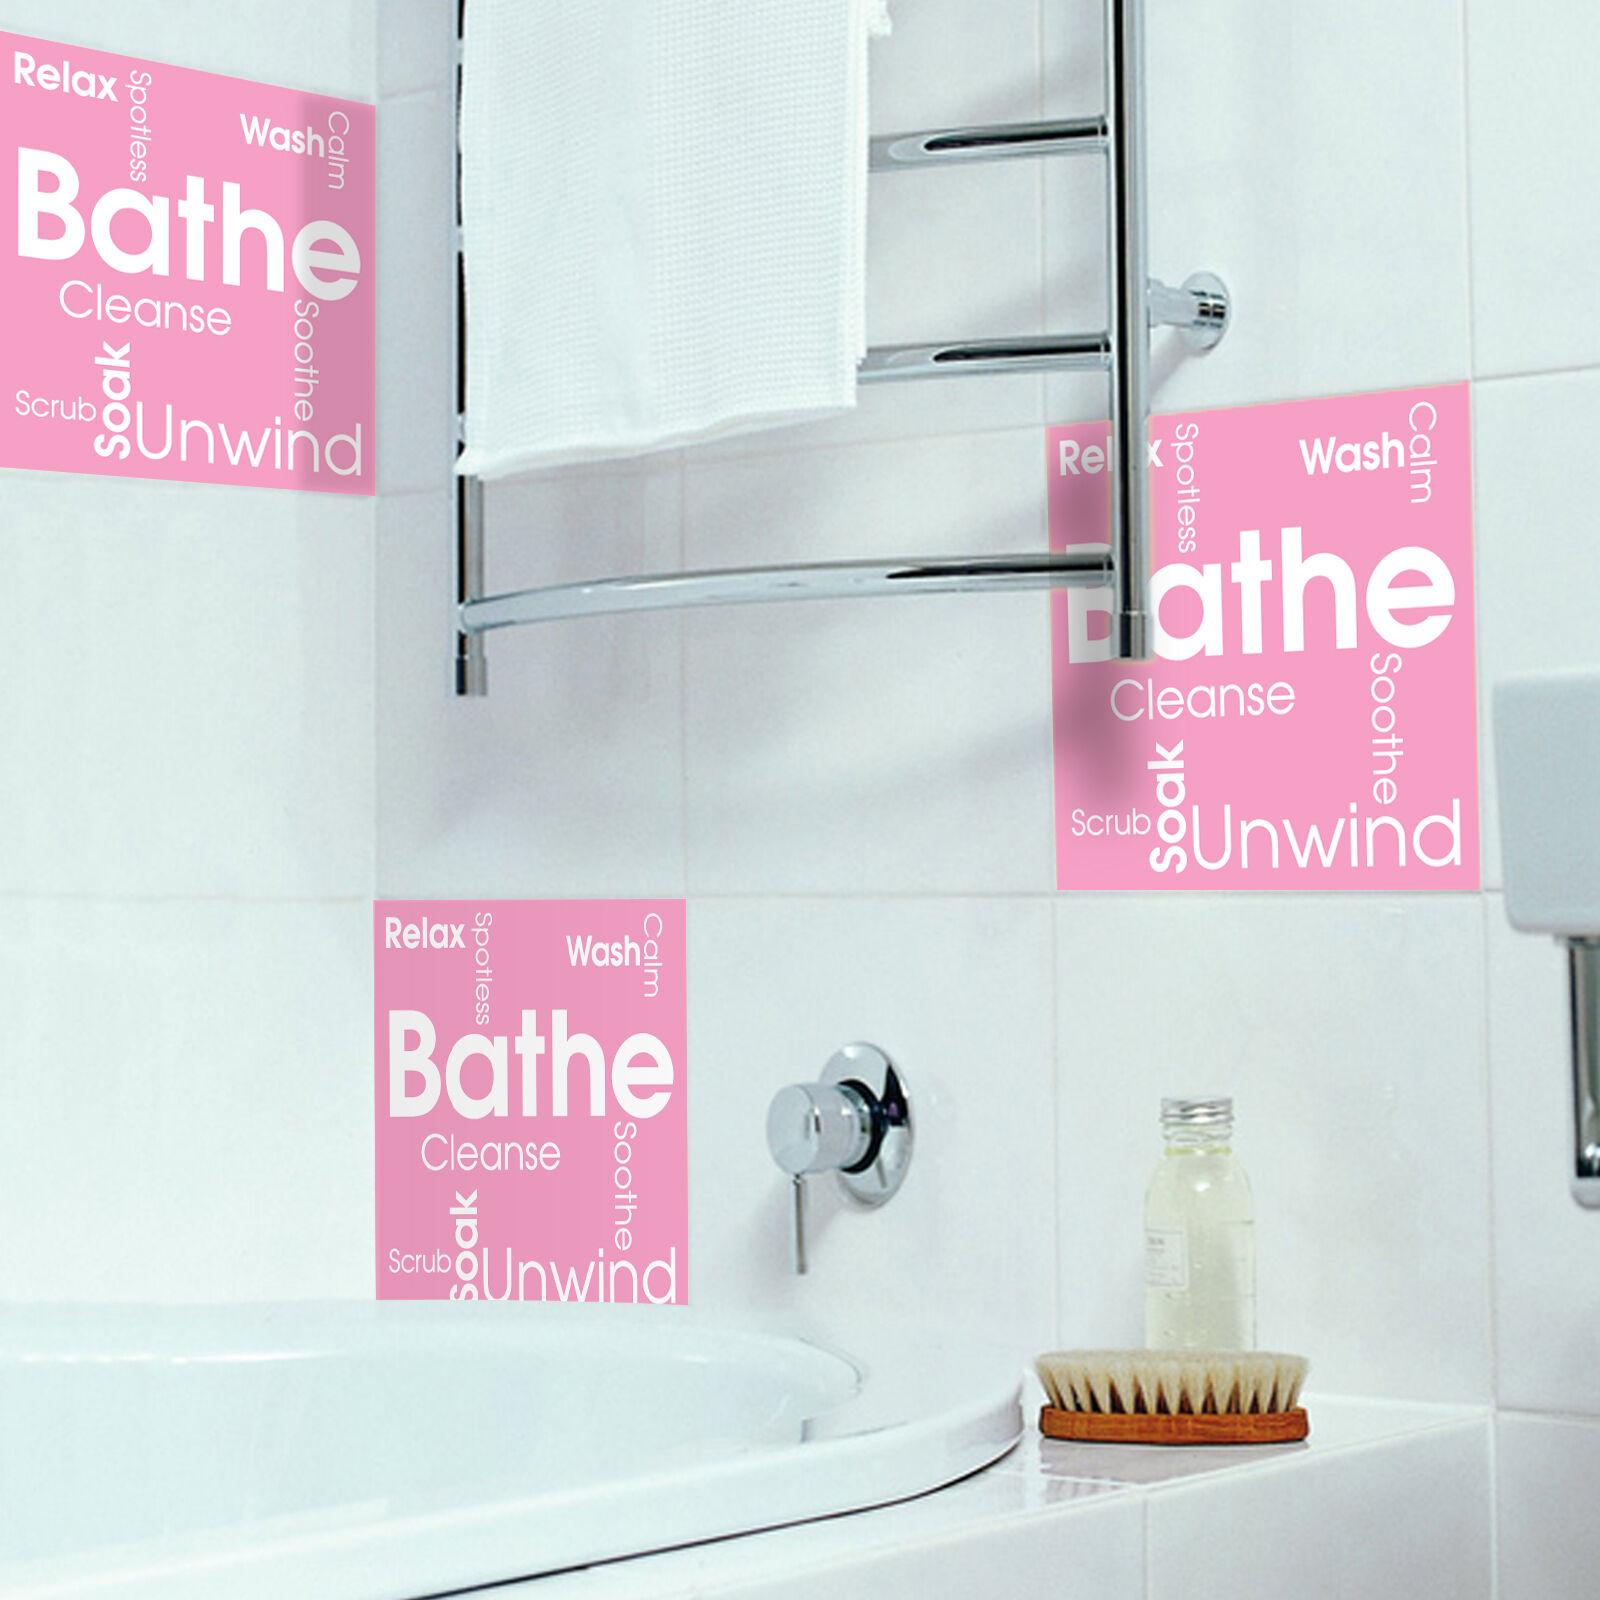 Trasferimento adesivi piastrelle bagno contemporaneo il personalizzata bagno Parola Cloud opzione personalizzata il 26020d